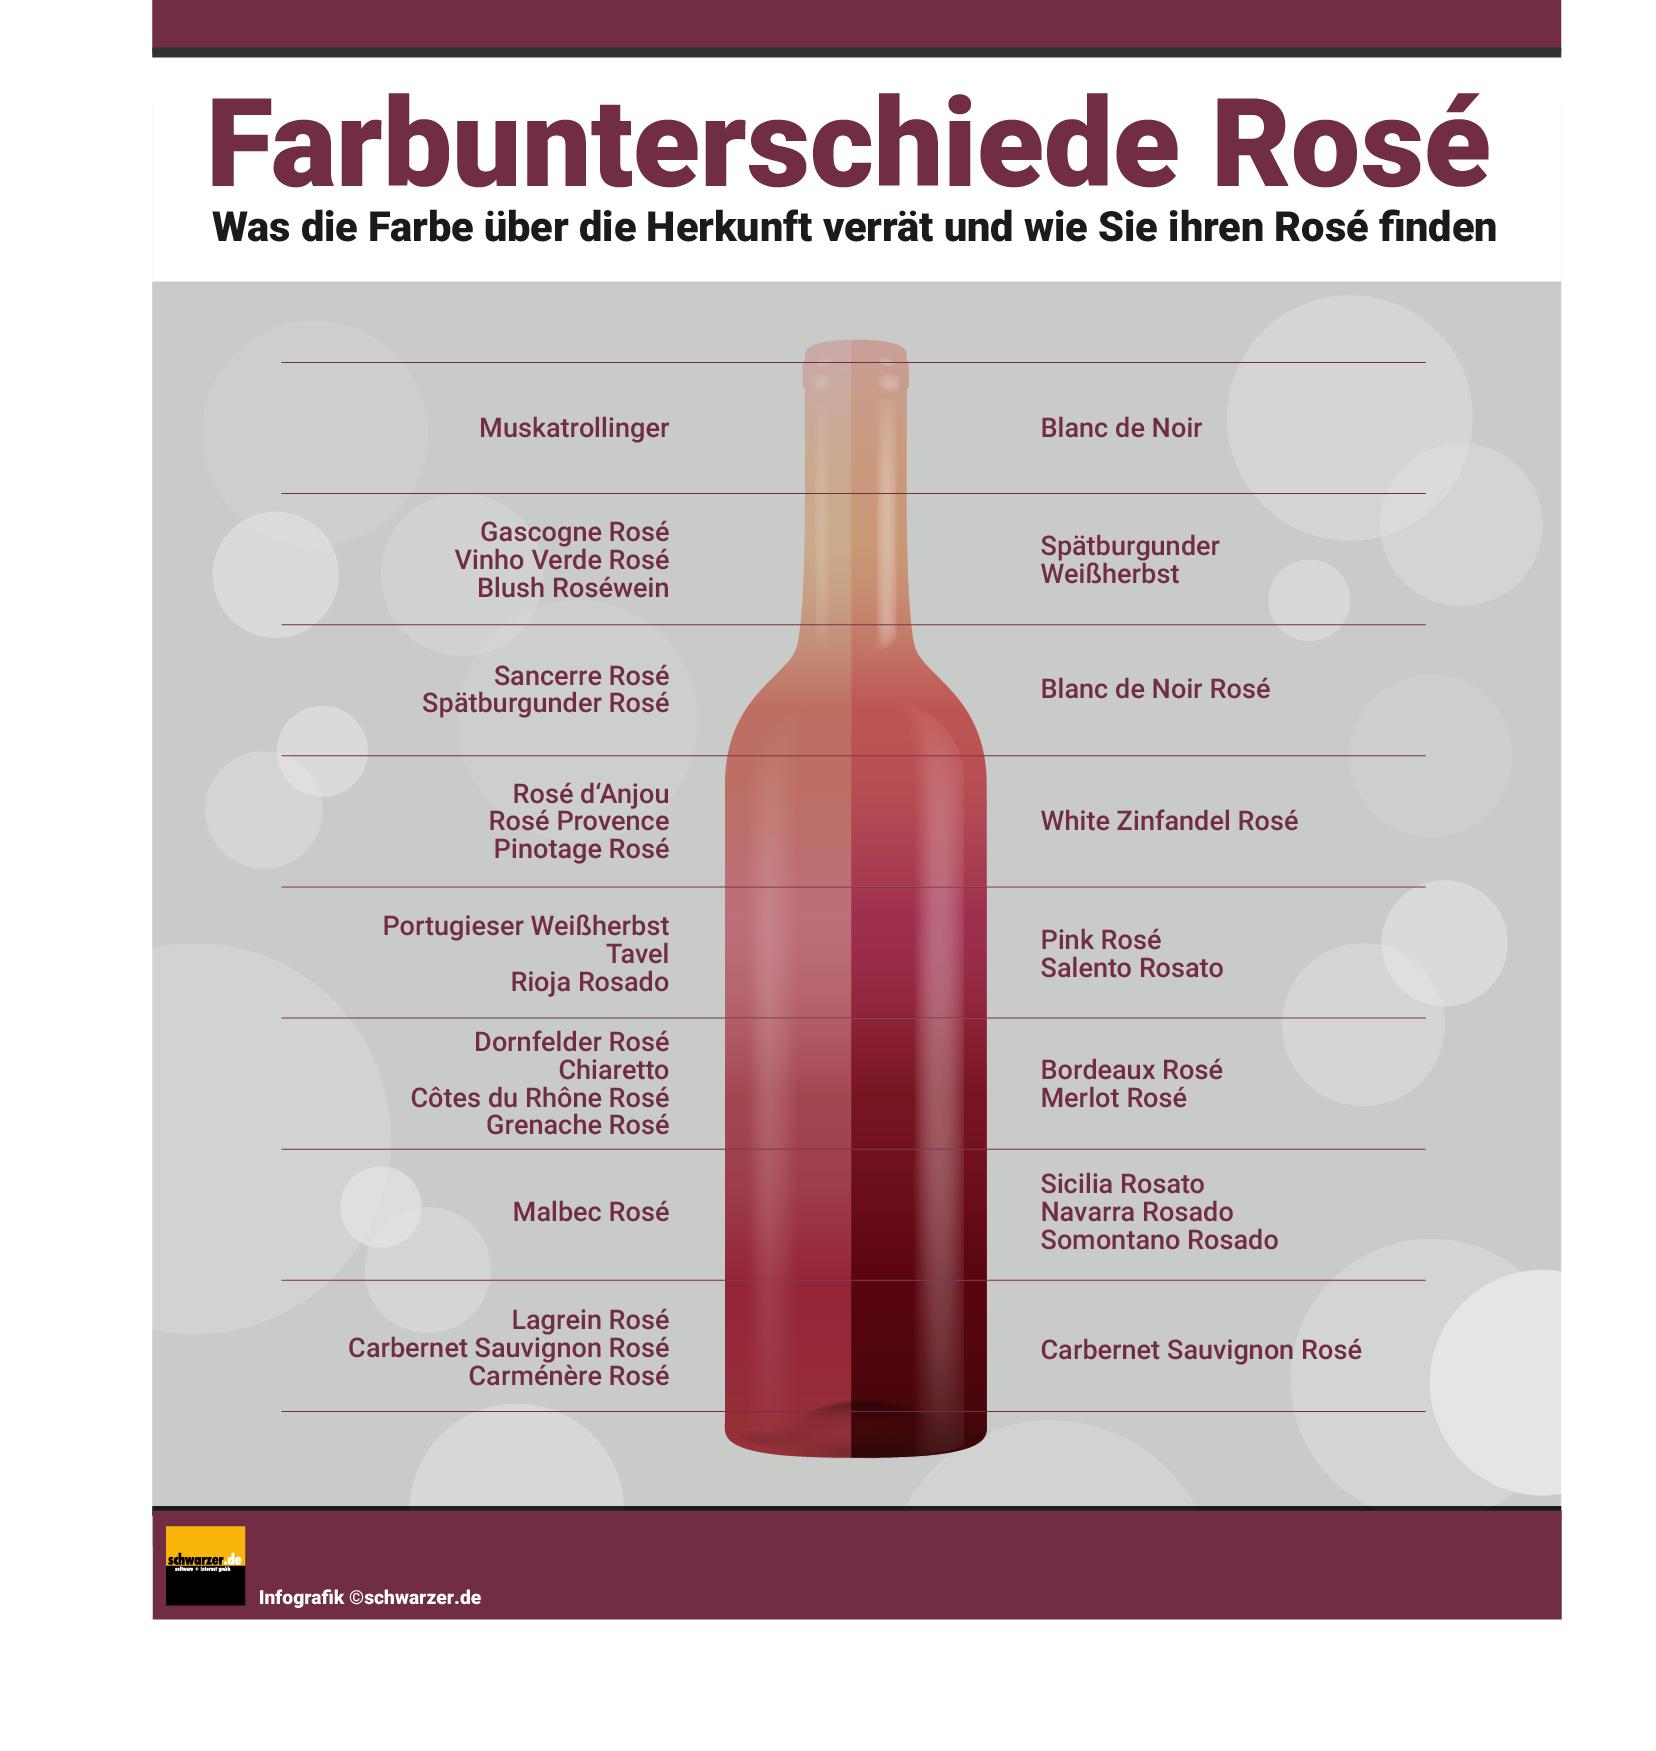 Infografik: Farbunterschiede Rosé Wein - Was die Farbe über die Herkunft verrät und wie sie Ihren Rosé Wein finden.